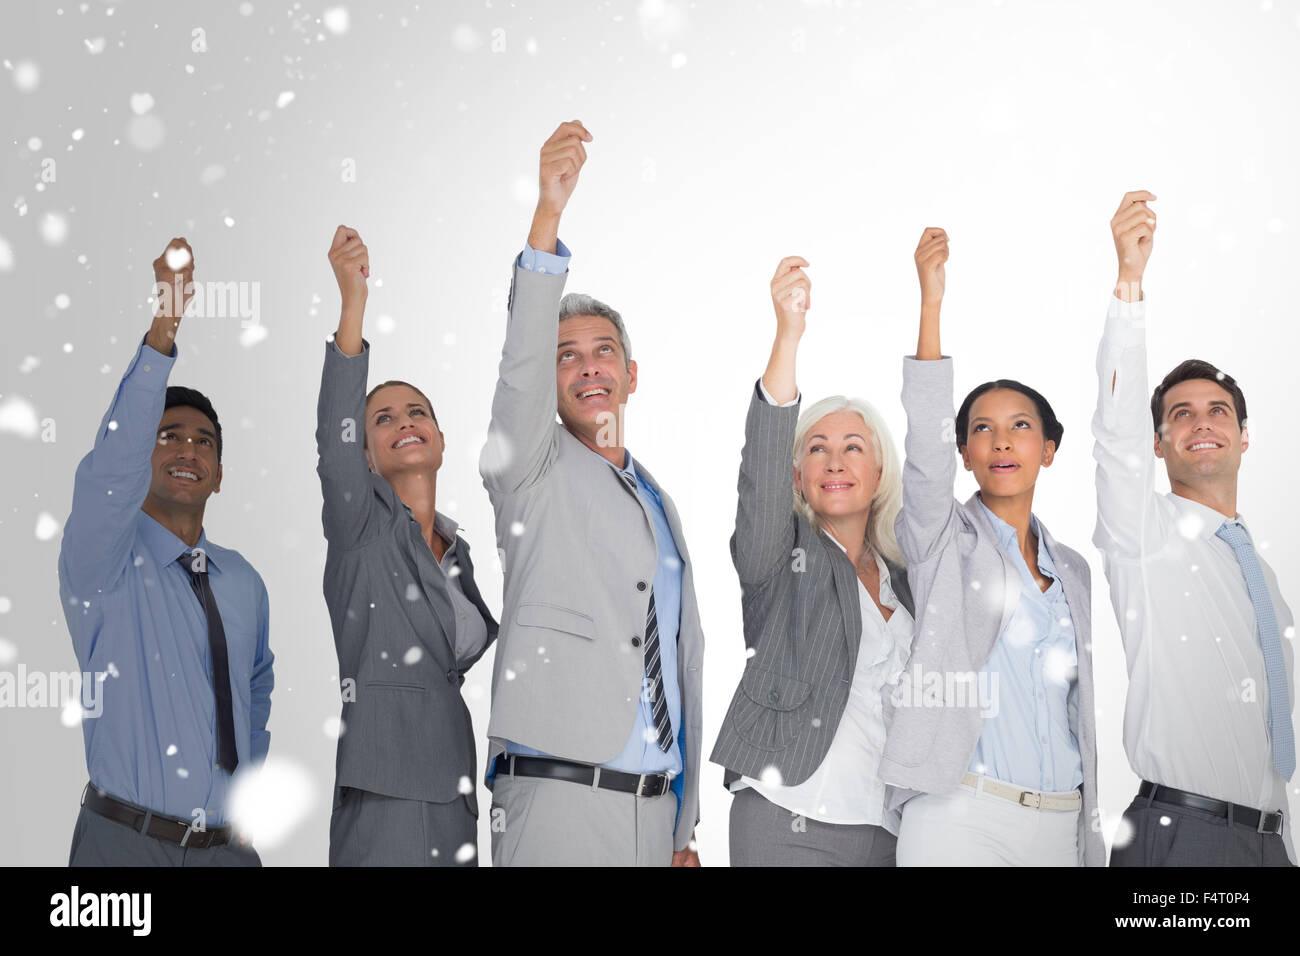 Imagen compuesta de gente de negocios sonriente levantando las manos Imagen De Stock